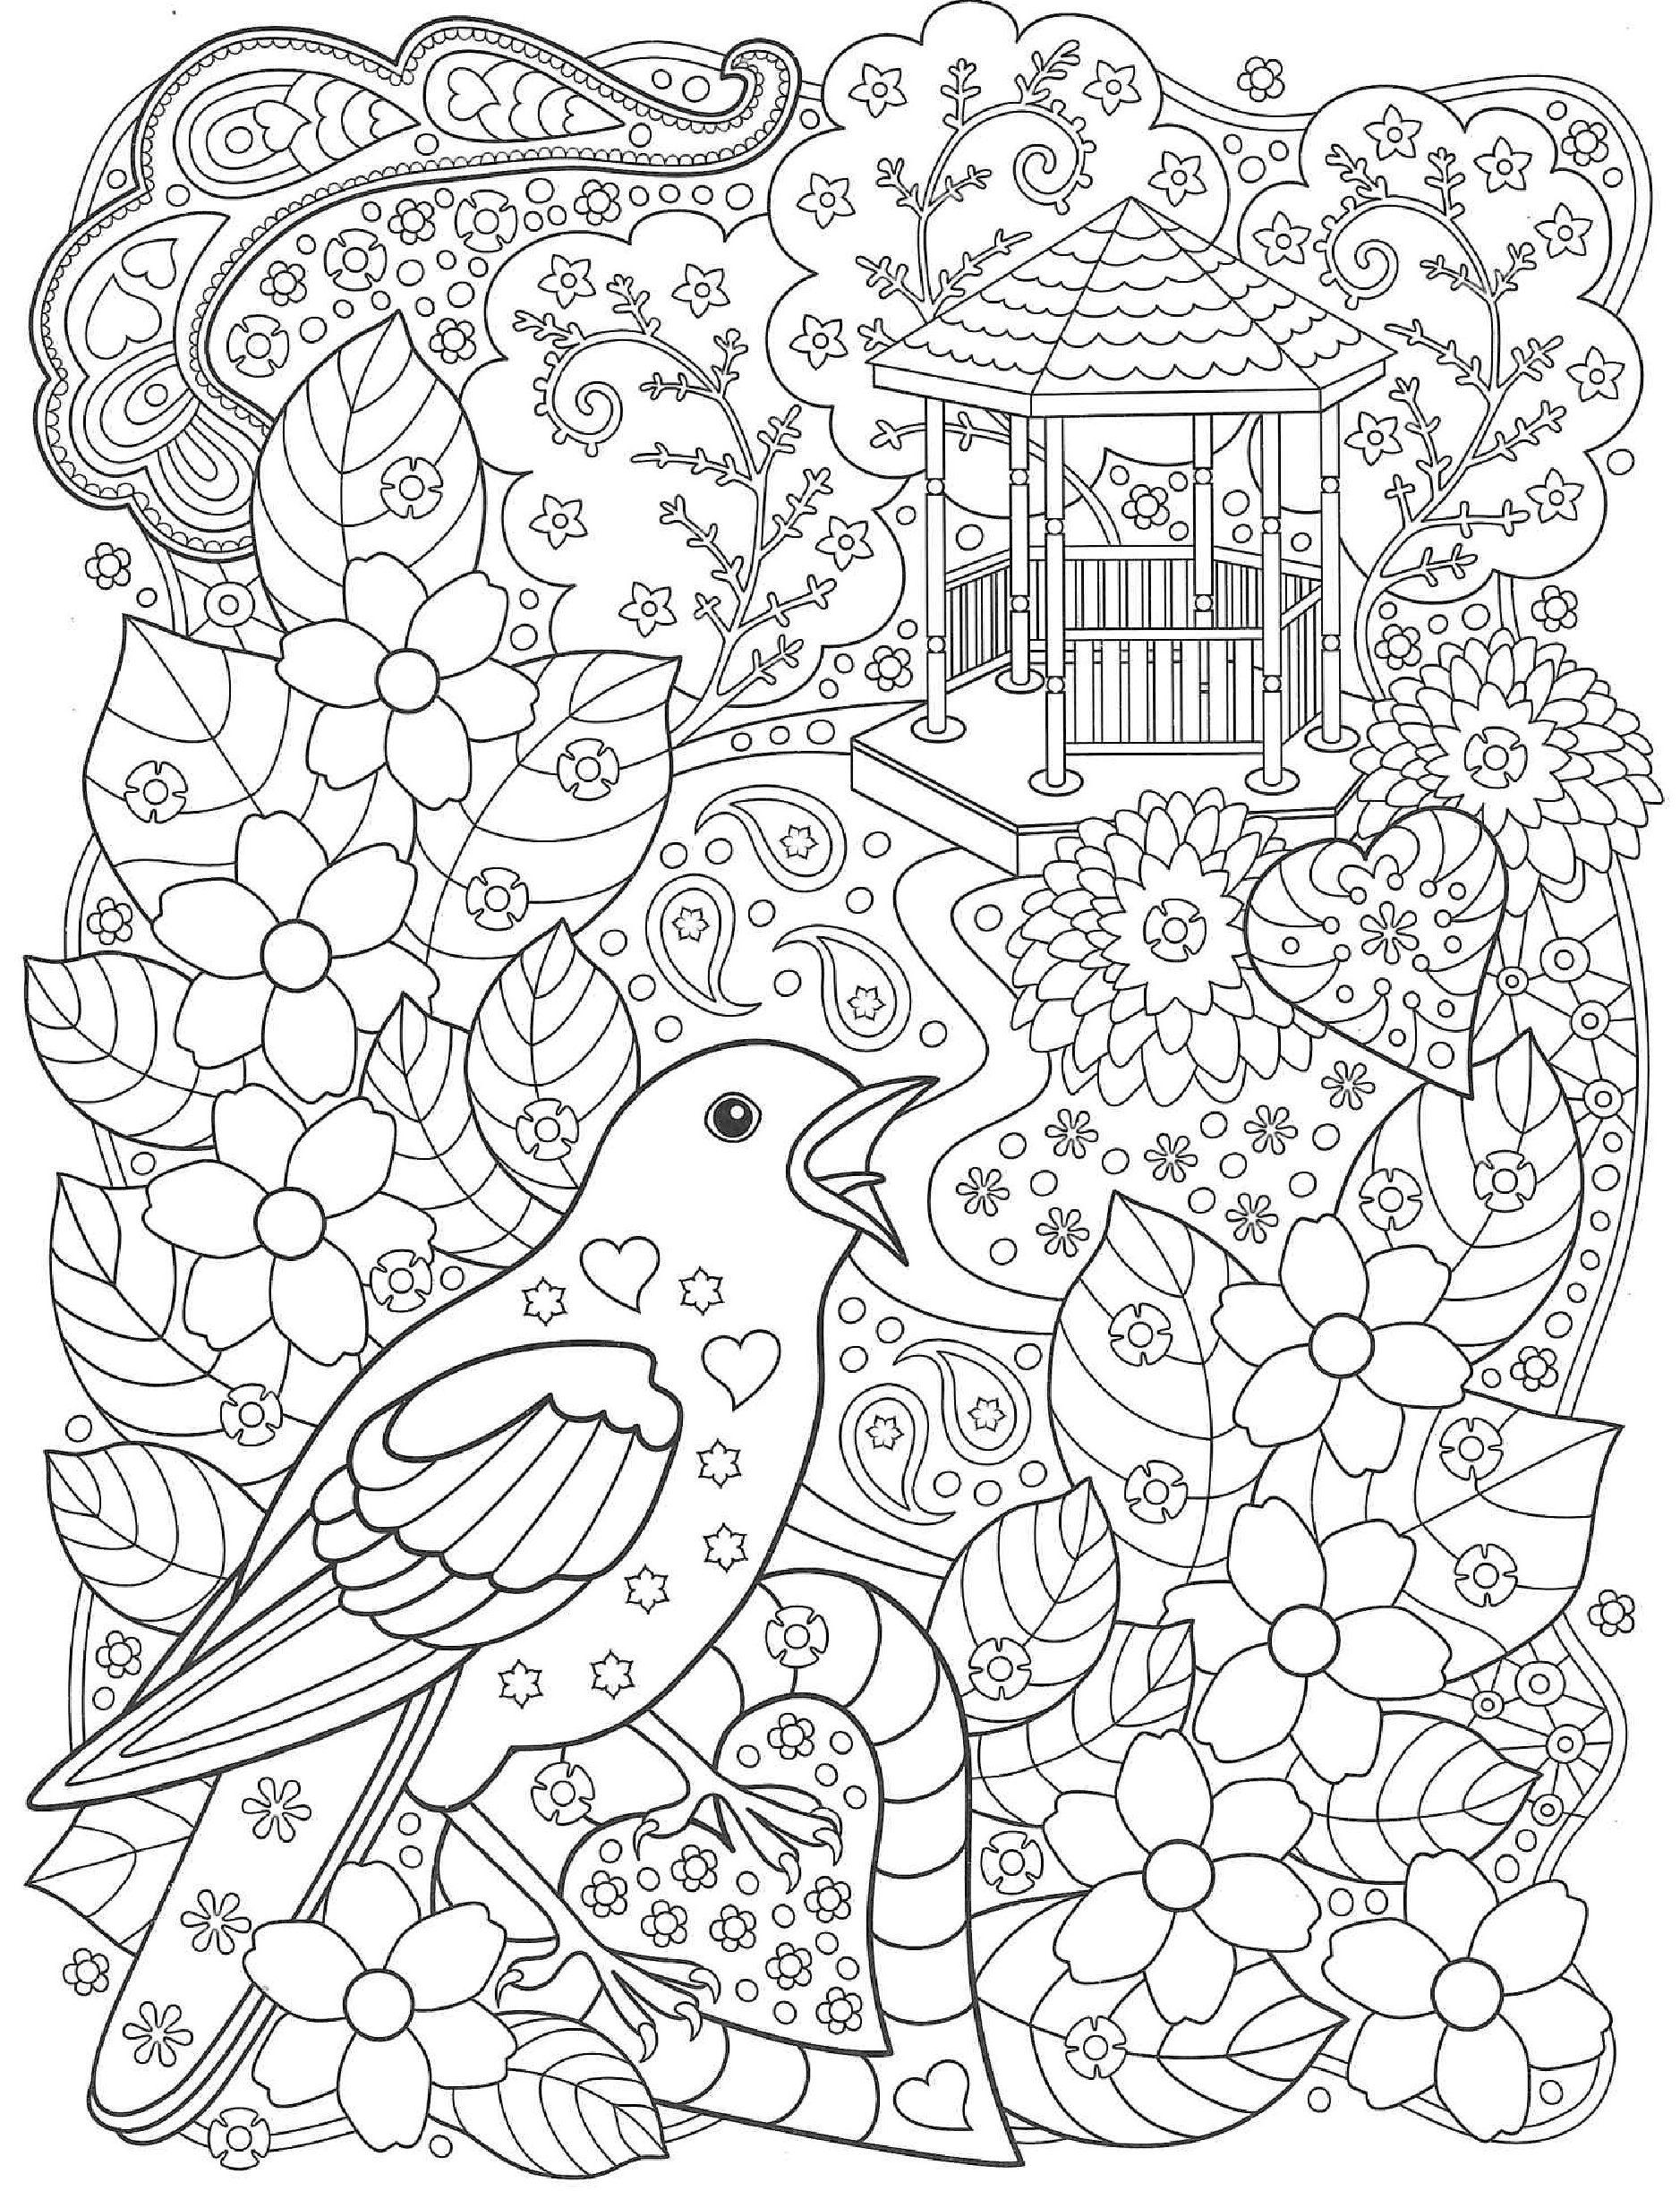 Pticy V Sadu Pticy Raskraski Antistress